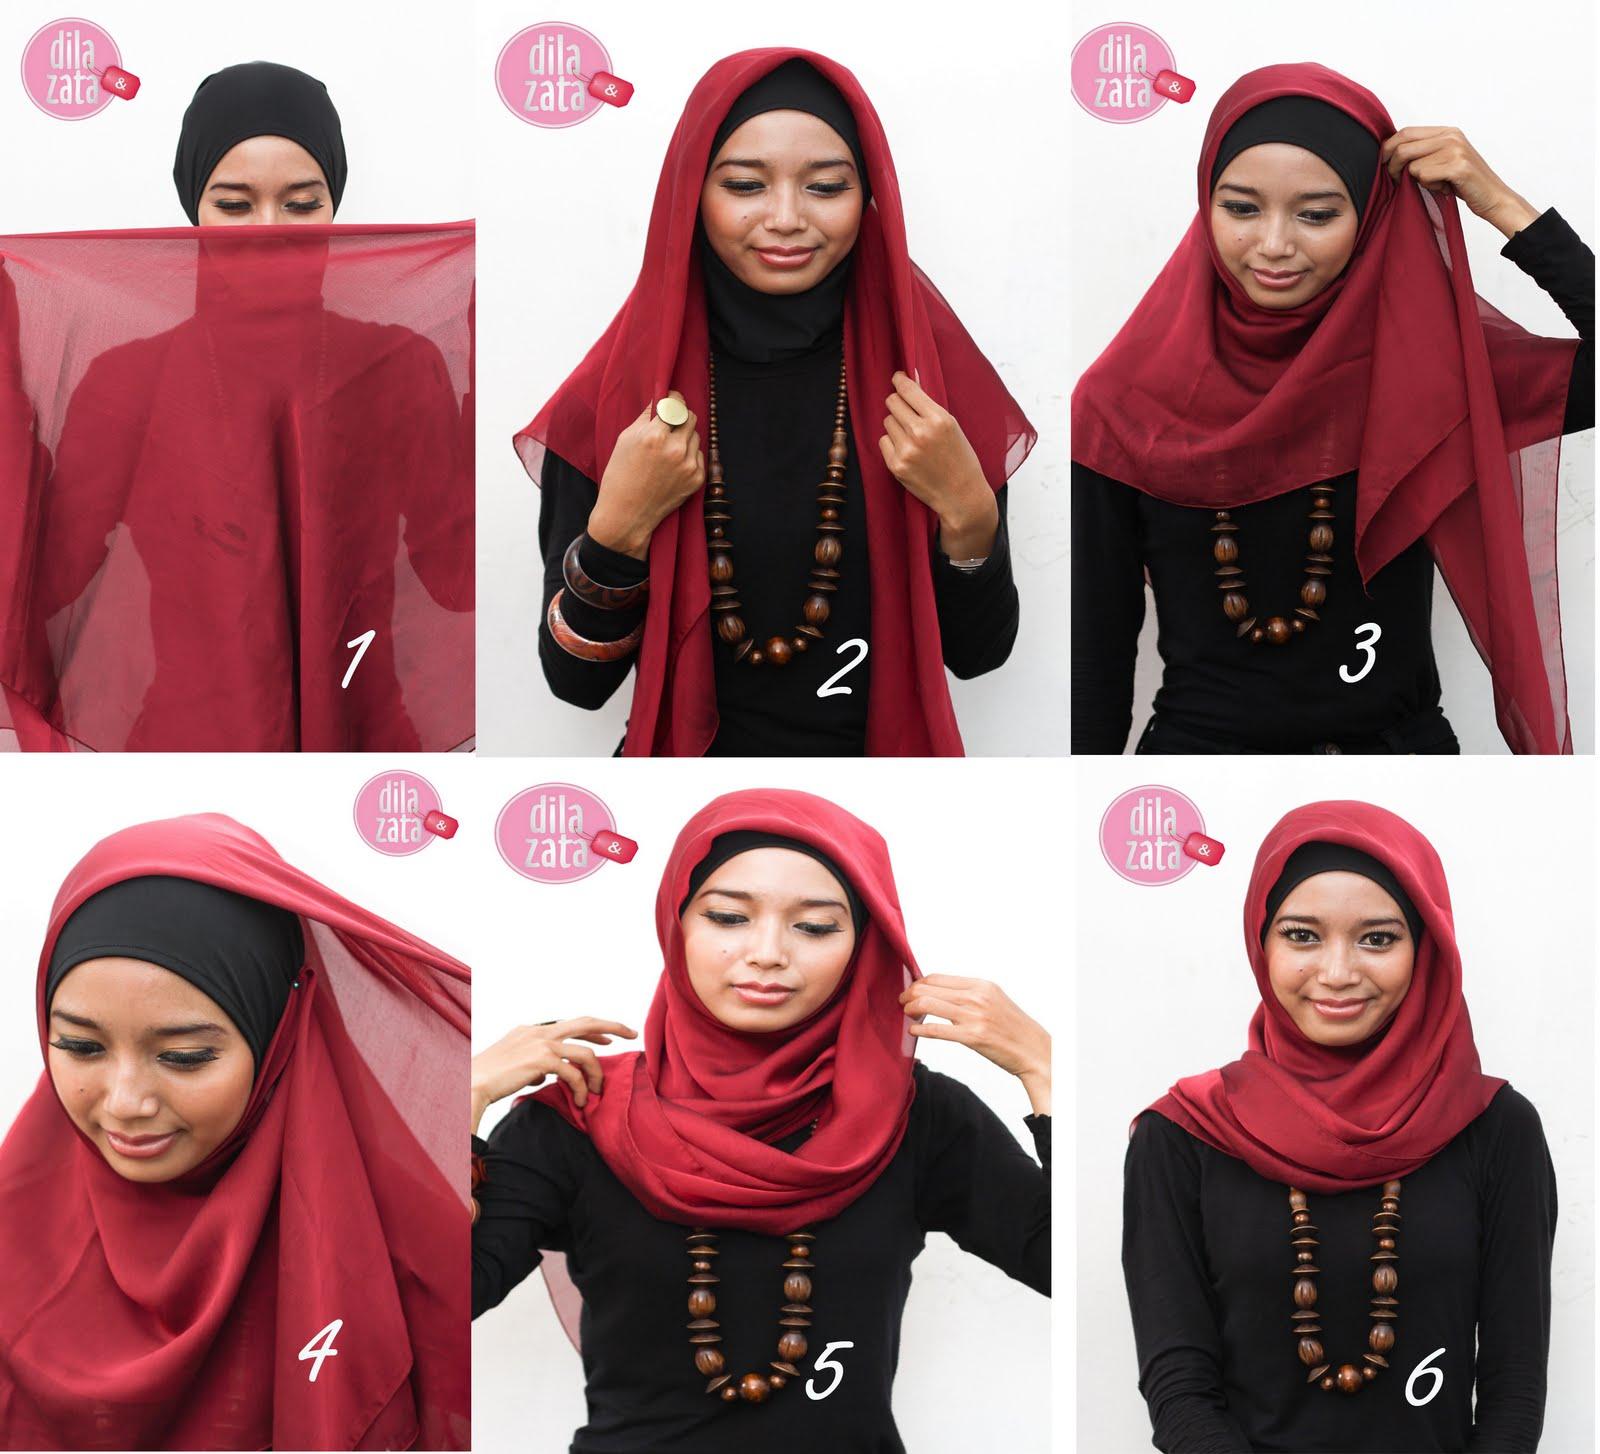 Modèles de hijab à concocter soit même - forum mode, 4